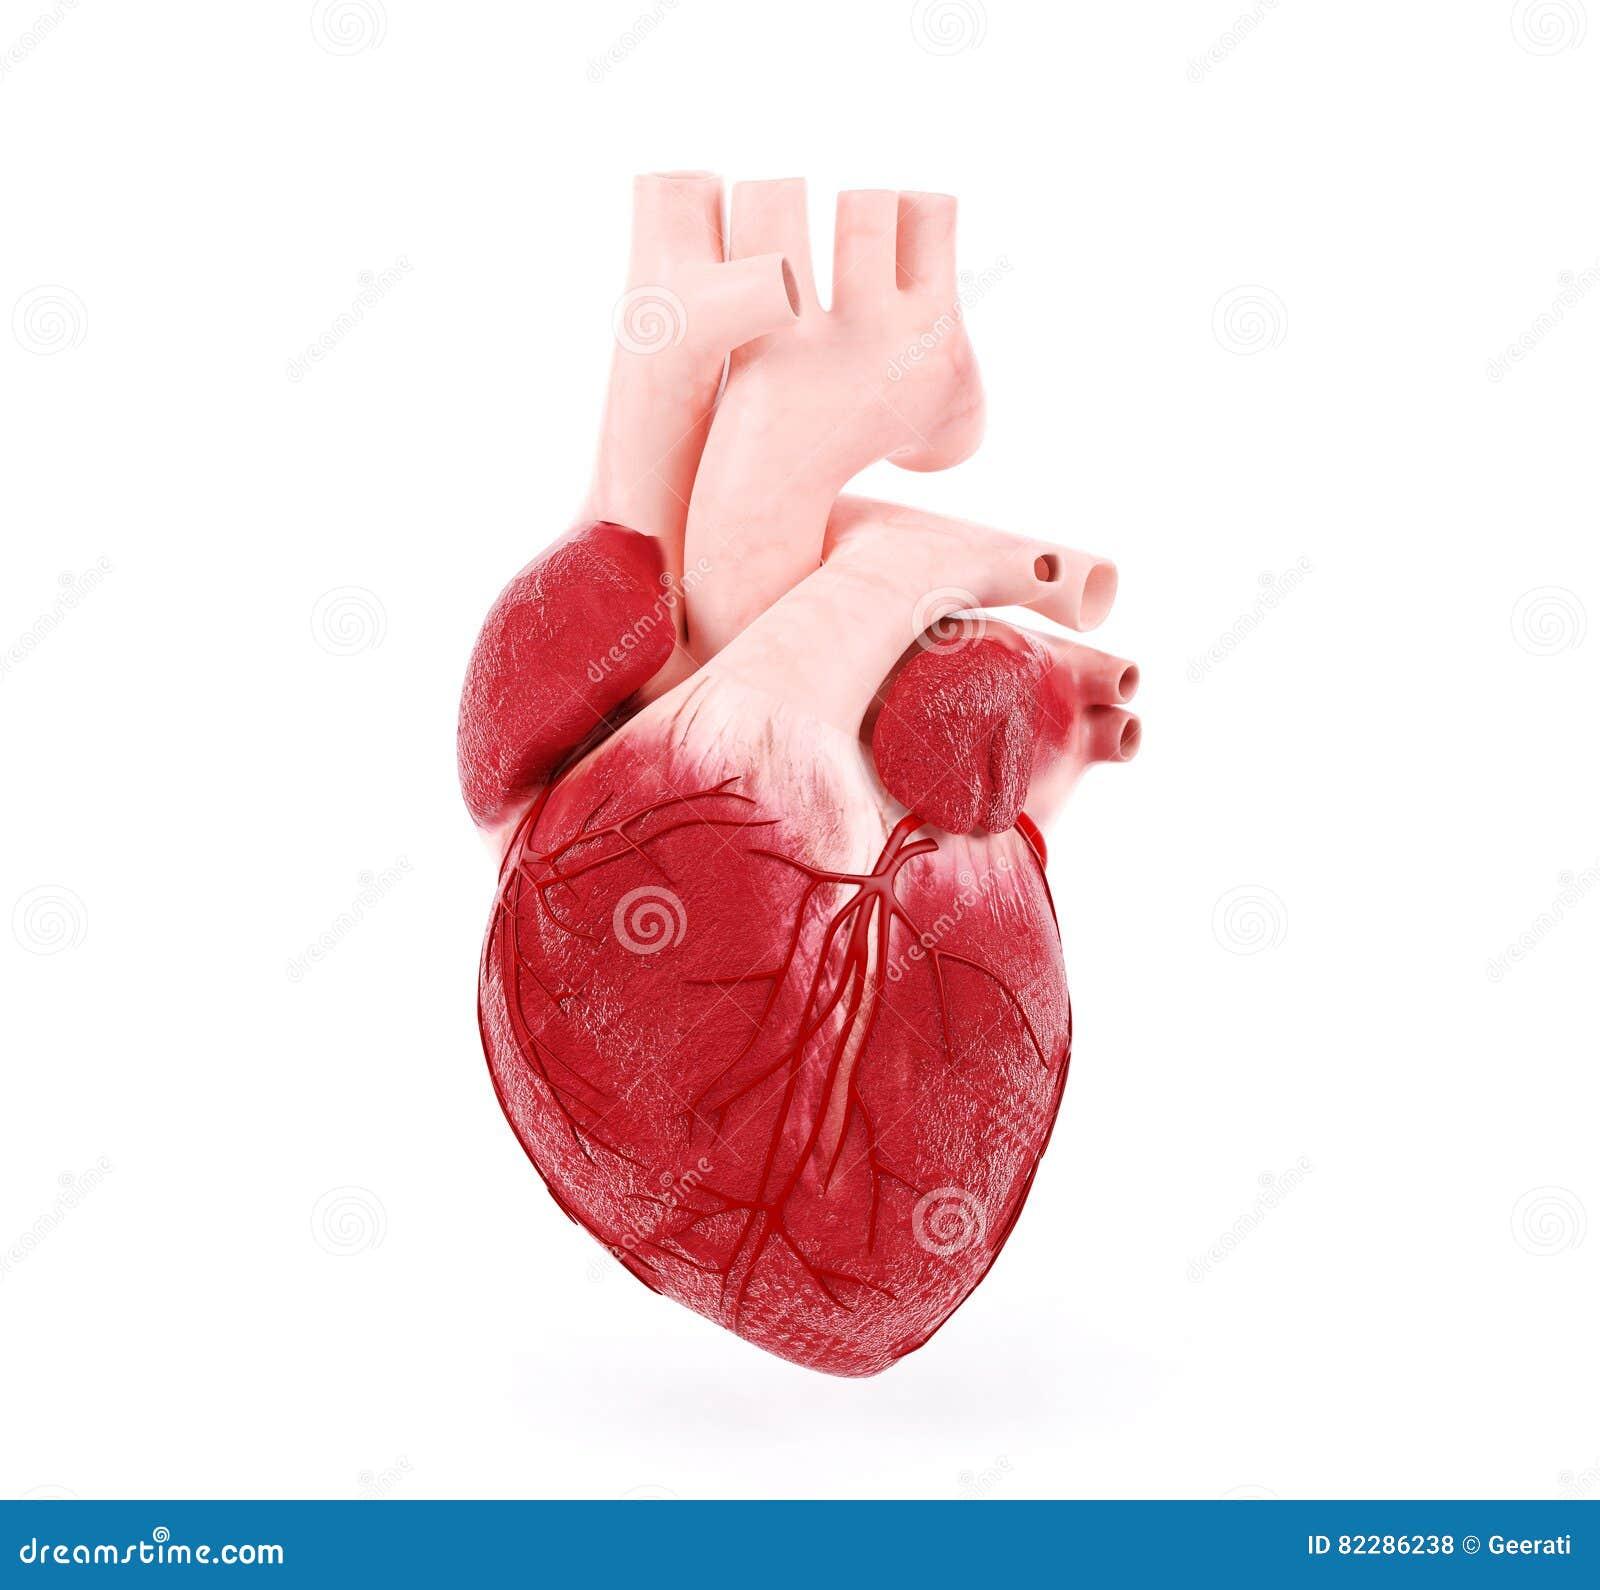 Ejemplo médico de un corazón humano